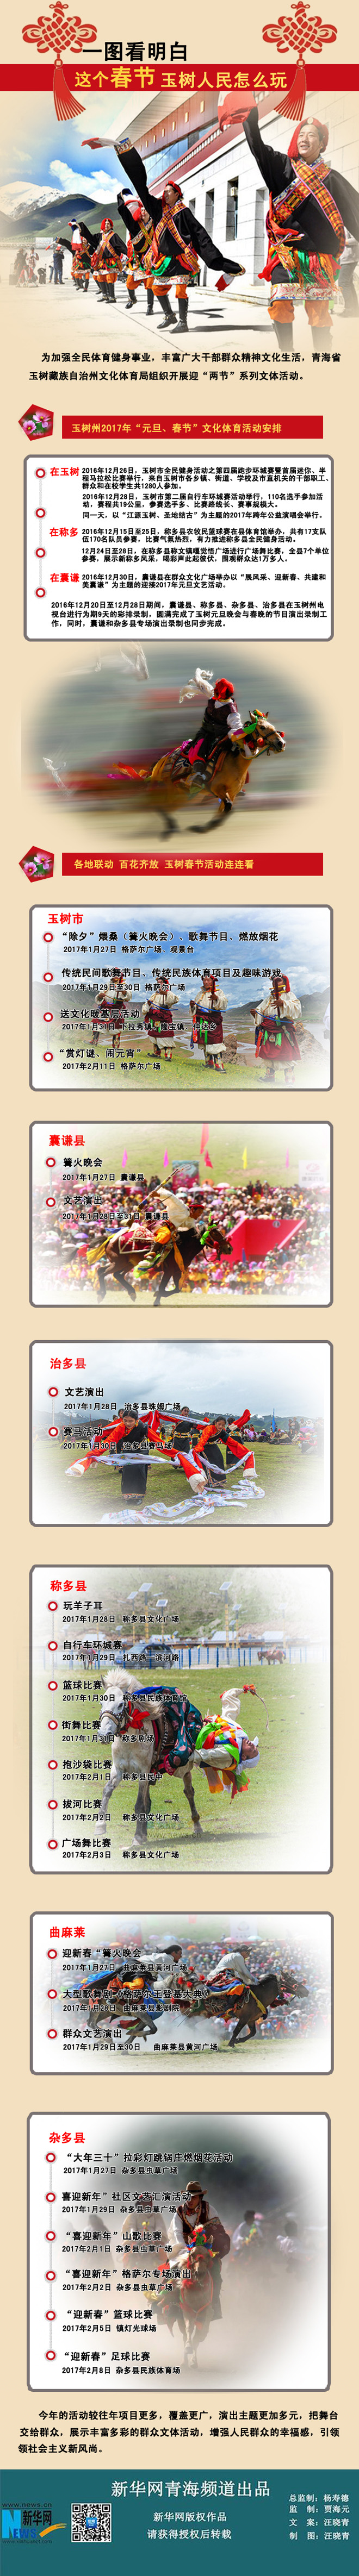 一图看明白:这个春节 玉树人民怎么玩